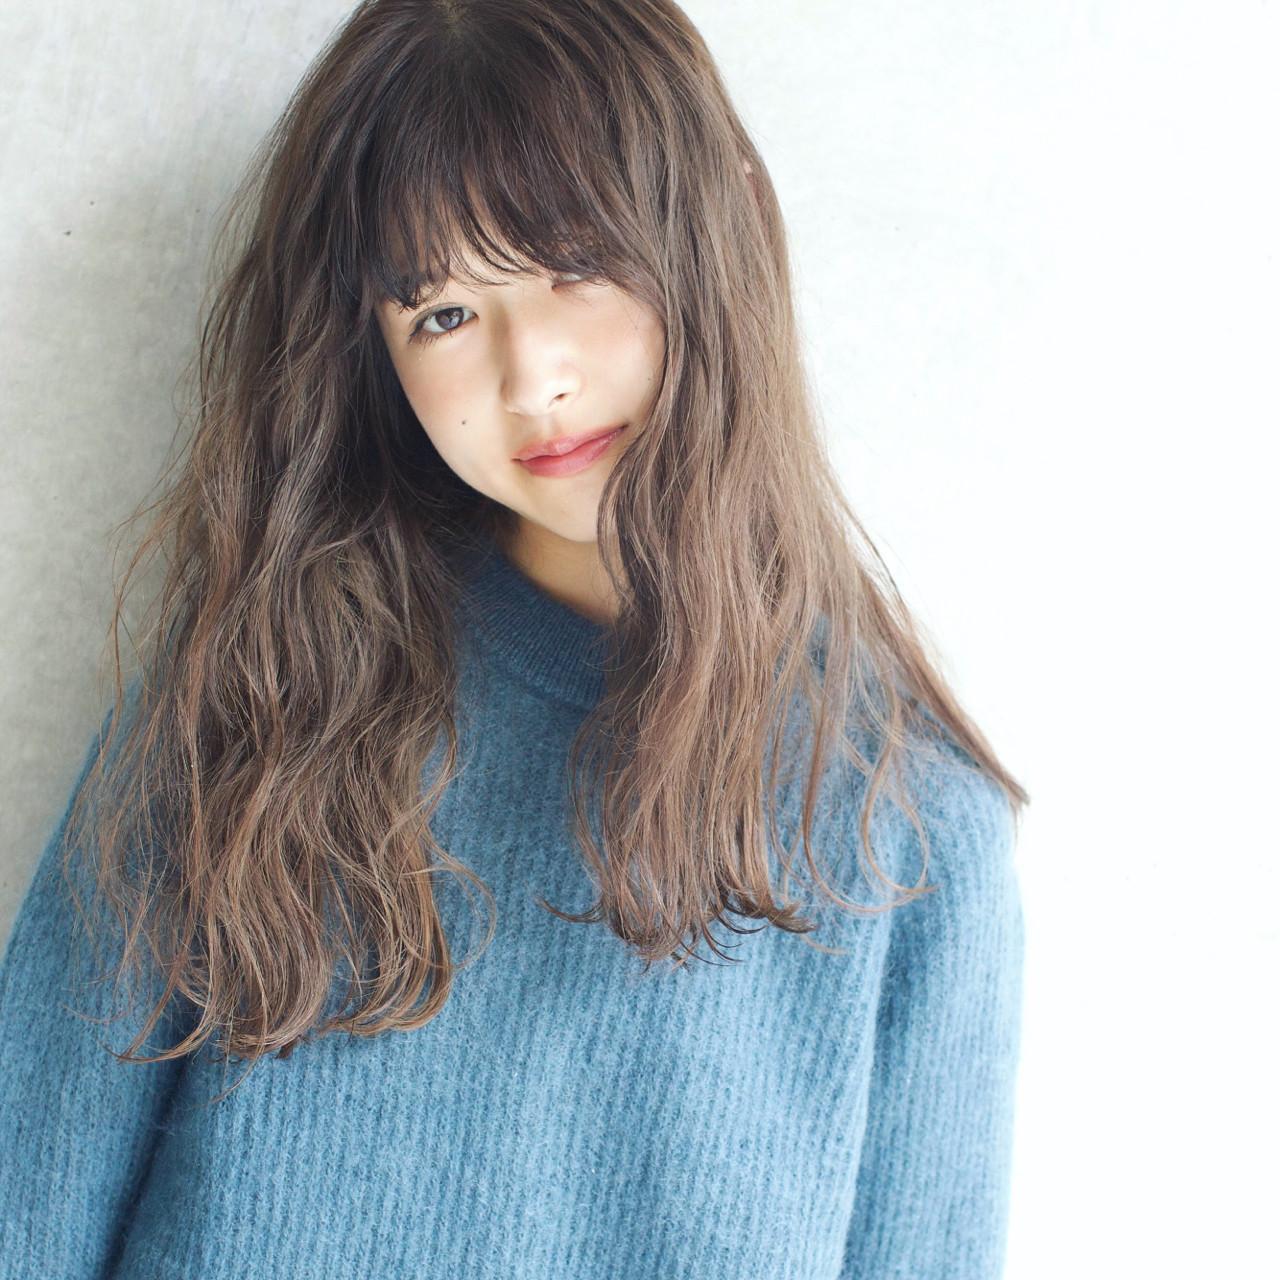 【2019年】ブルーヘアカラー特集♡ダークトーンでも透明感をの15枚目の画像